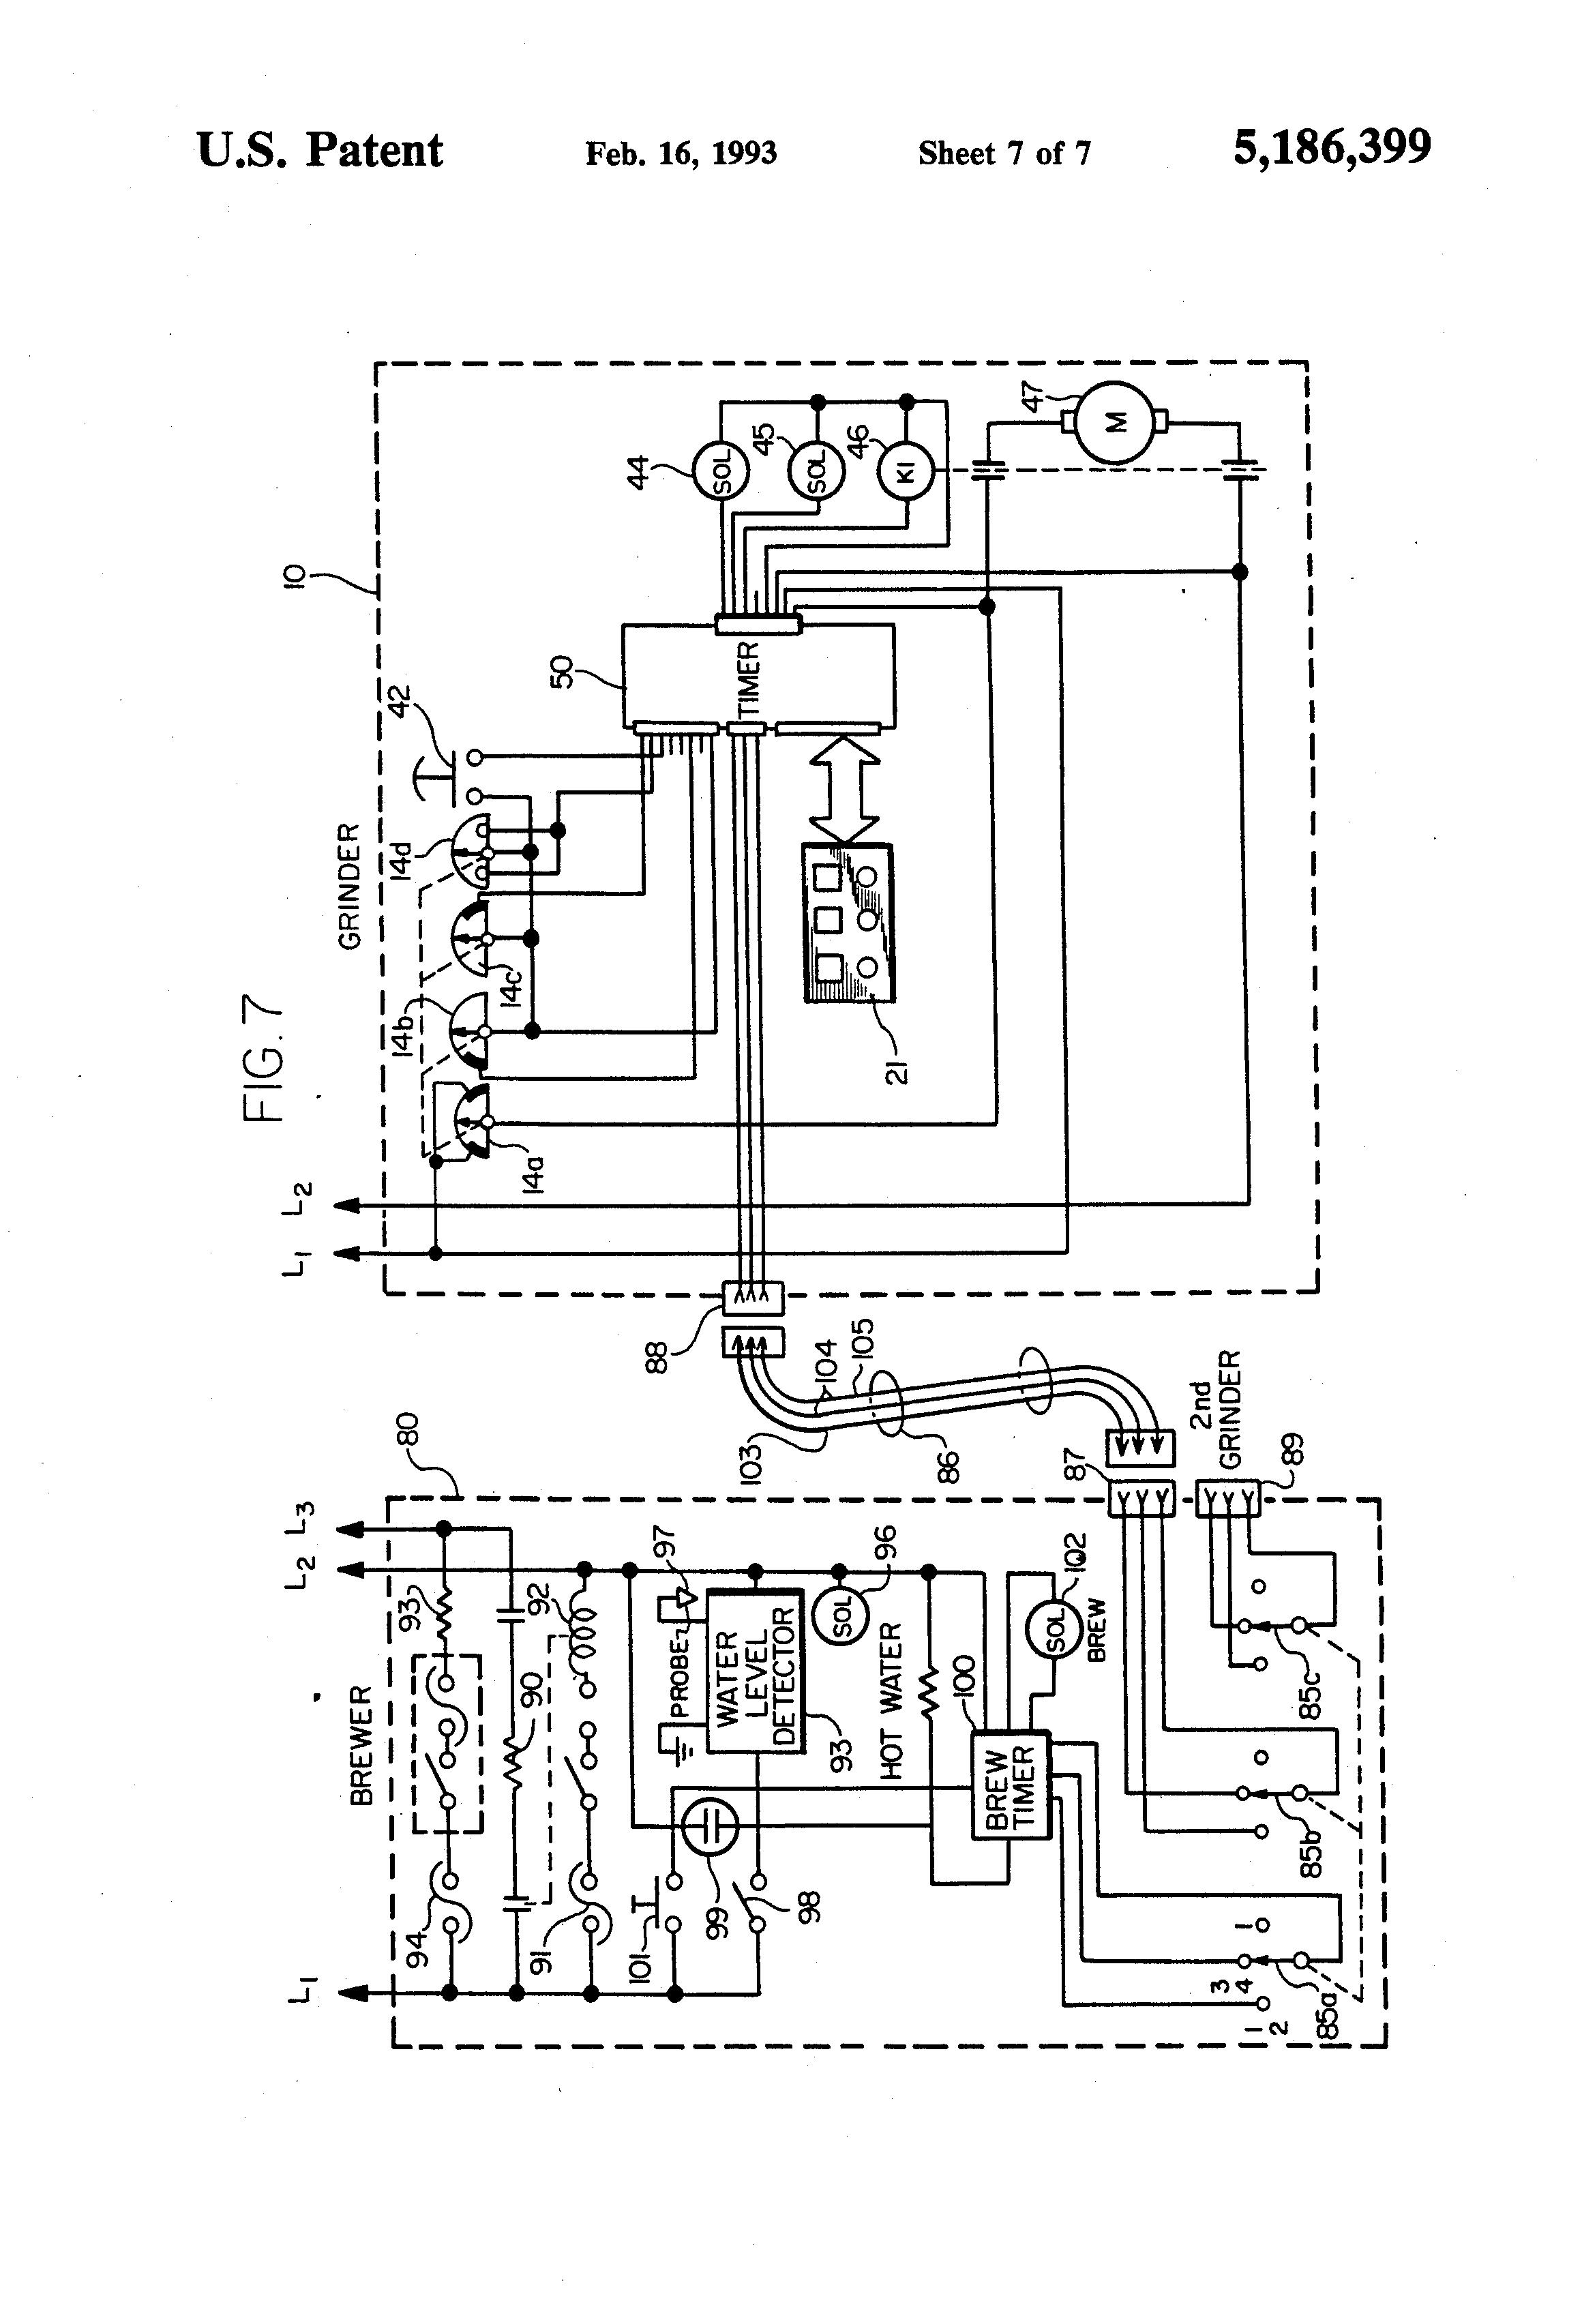 La Marzocco Linea Wiring Diagram Keurig Wiring Diagram